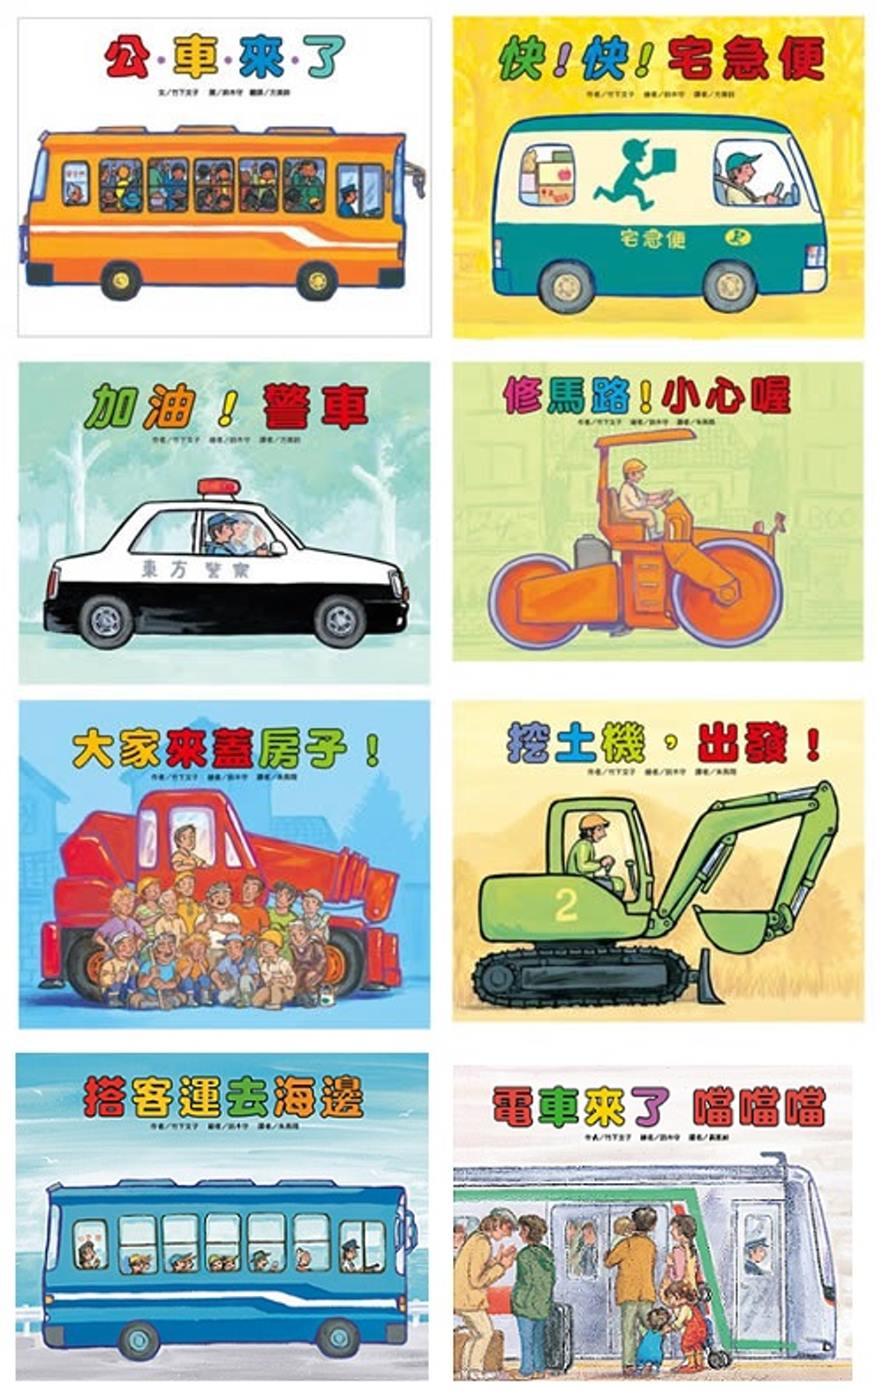 車車繪本精選(8冊合輯)